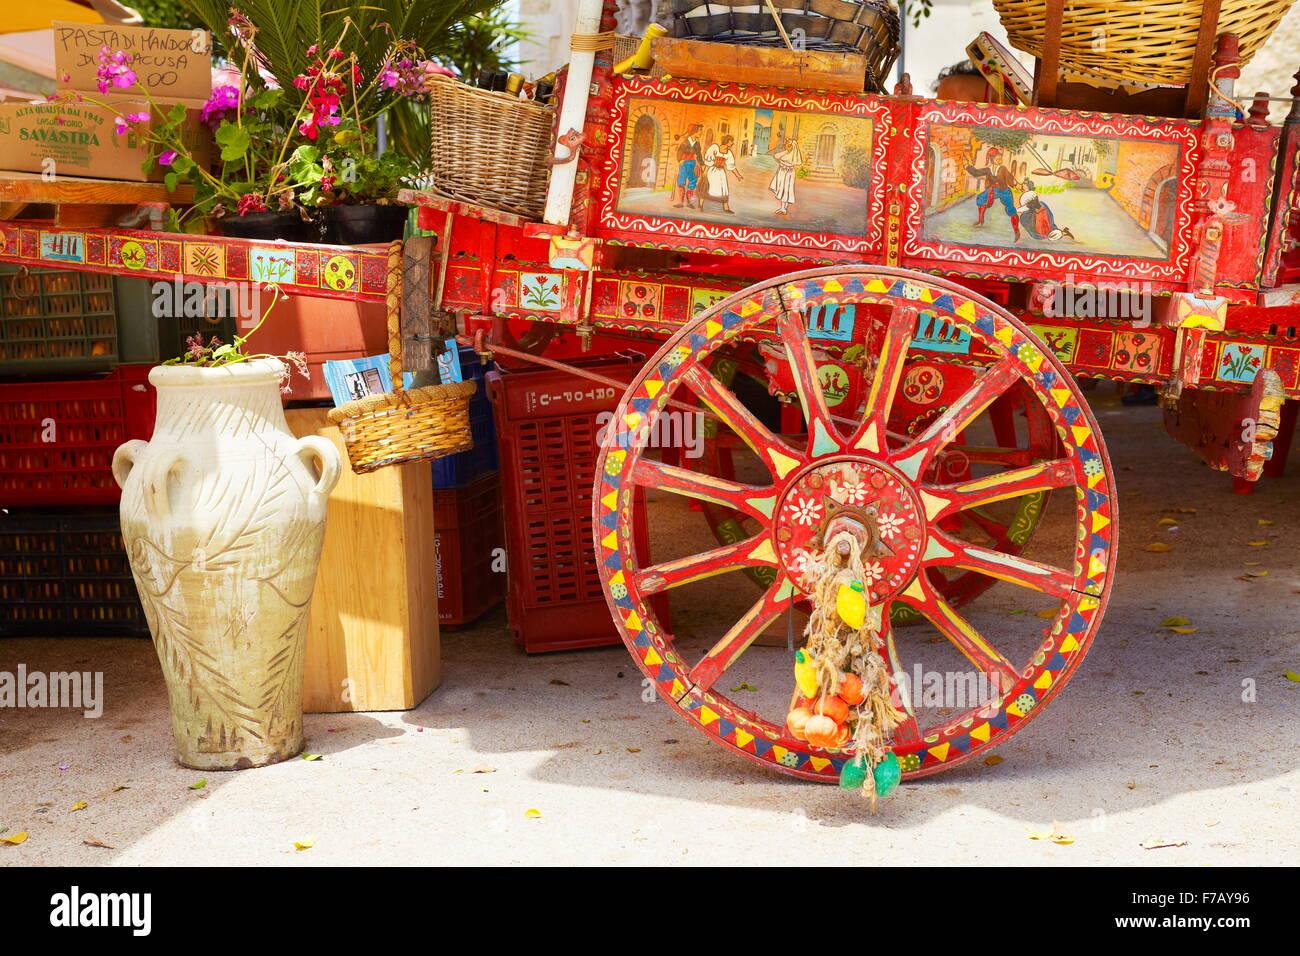 Coloré décoré panier rural sicilien traditionnel, calèche, décoration de la rue, l'île Photo Stock